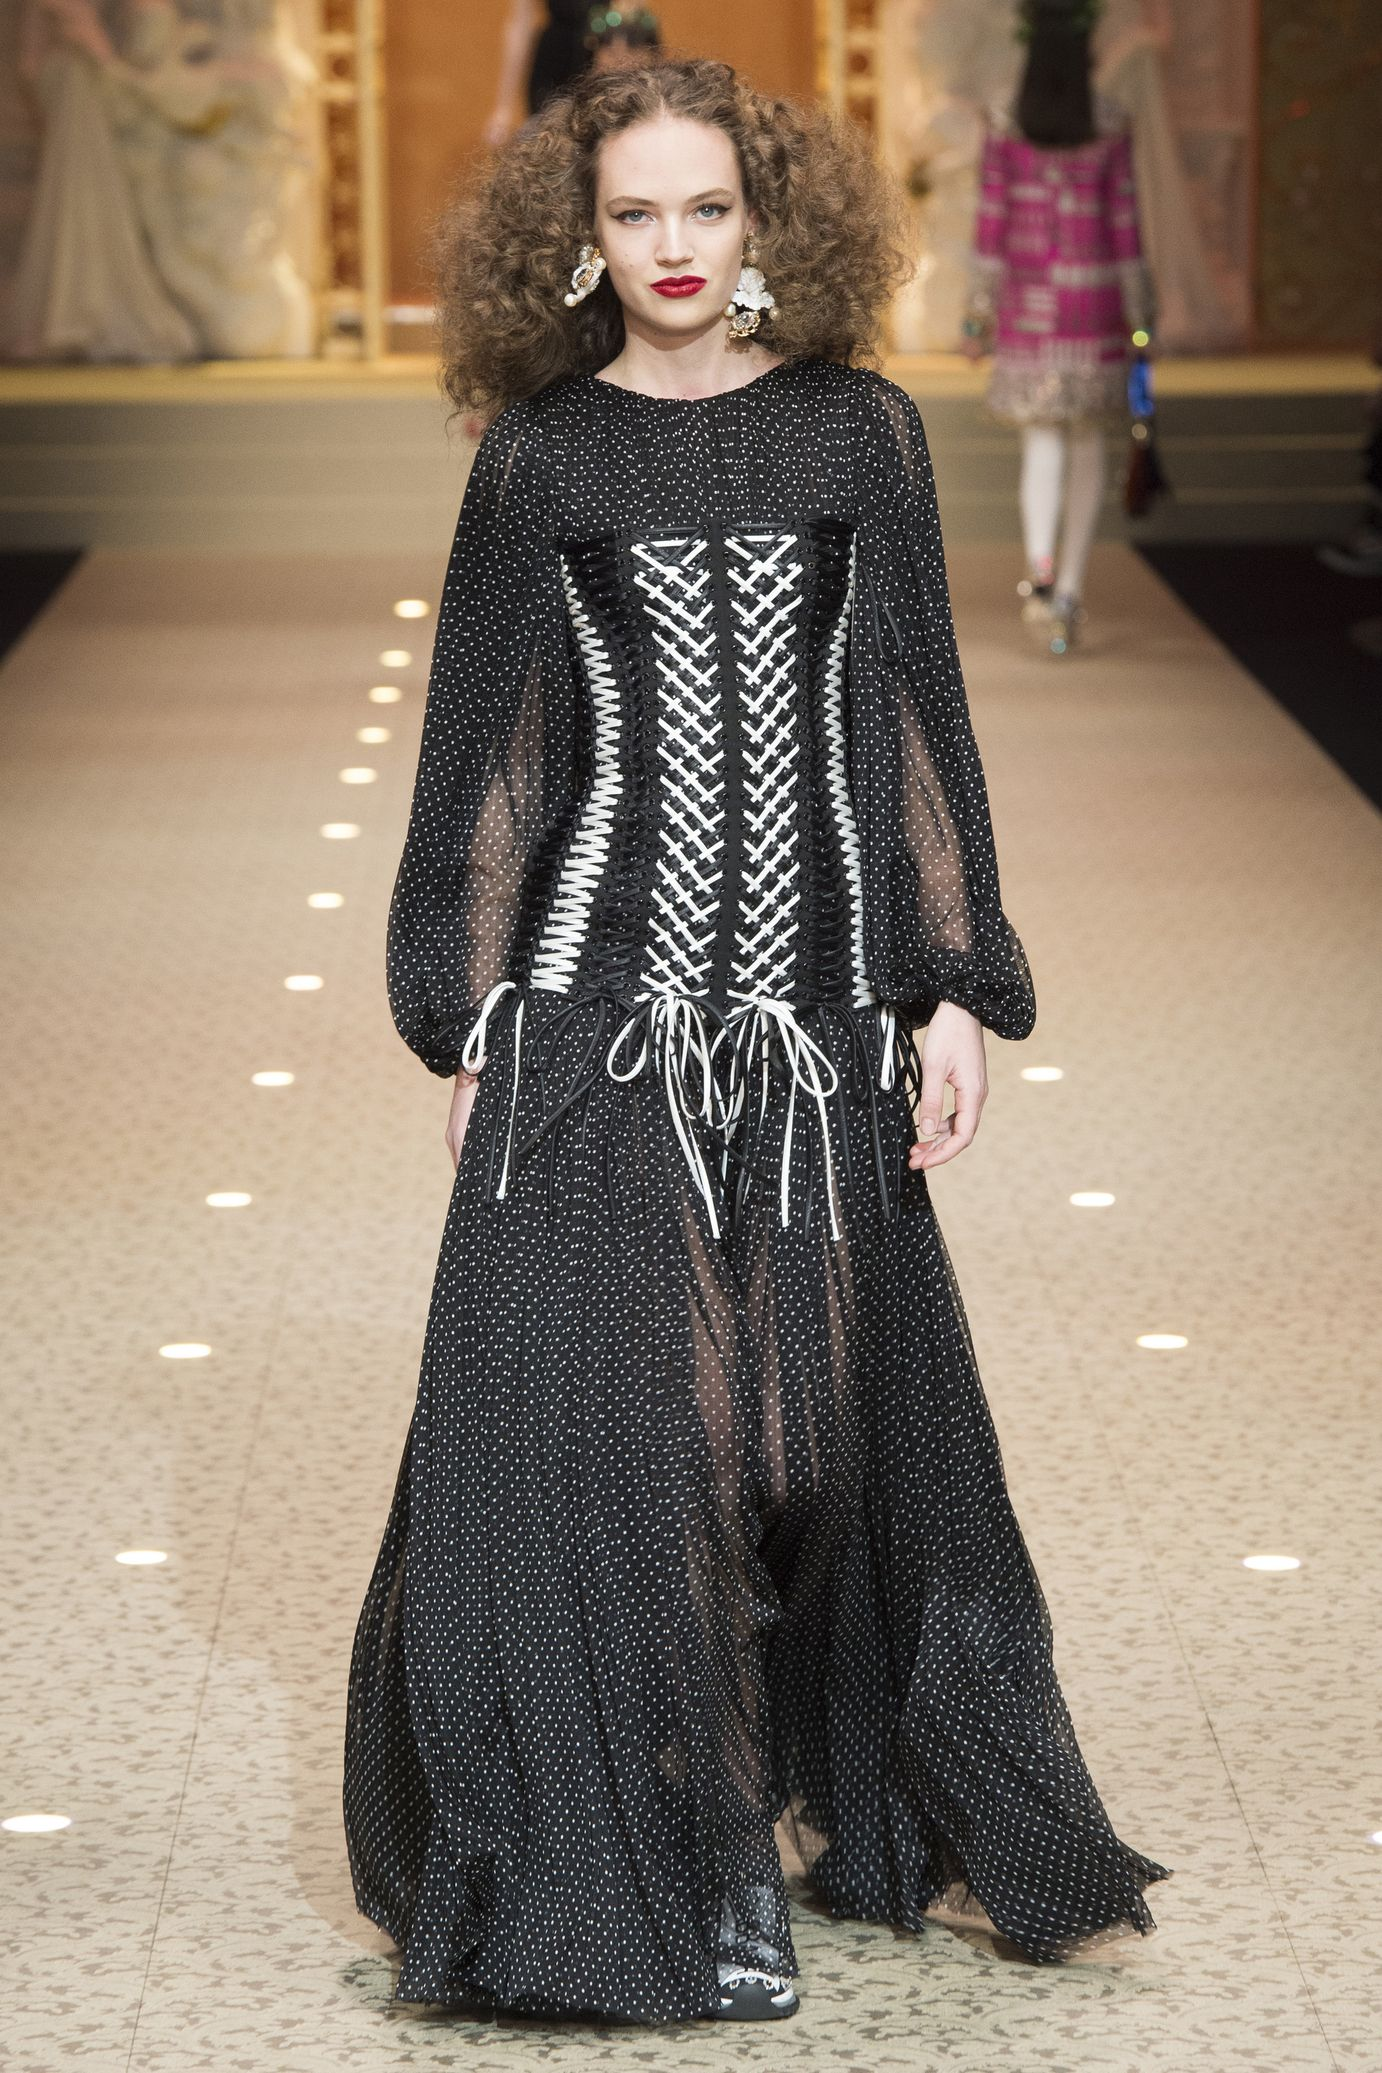 Défilé Dolce \u0026 Gabbana prêt,à,porter femme automne,hiver 2018,2019 Femme